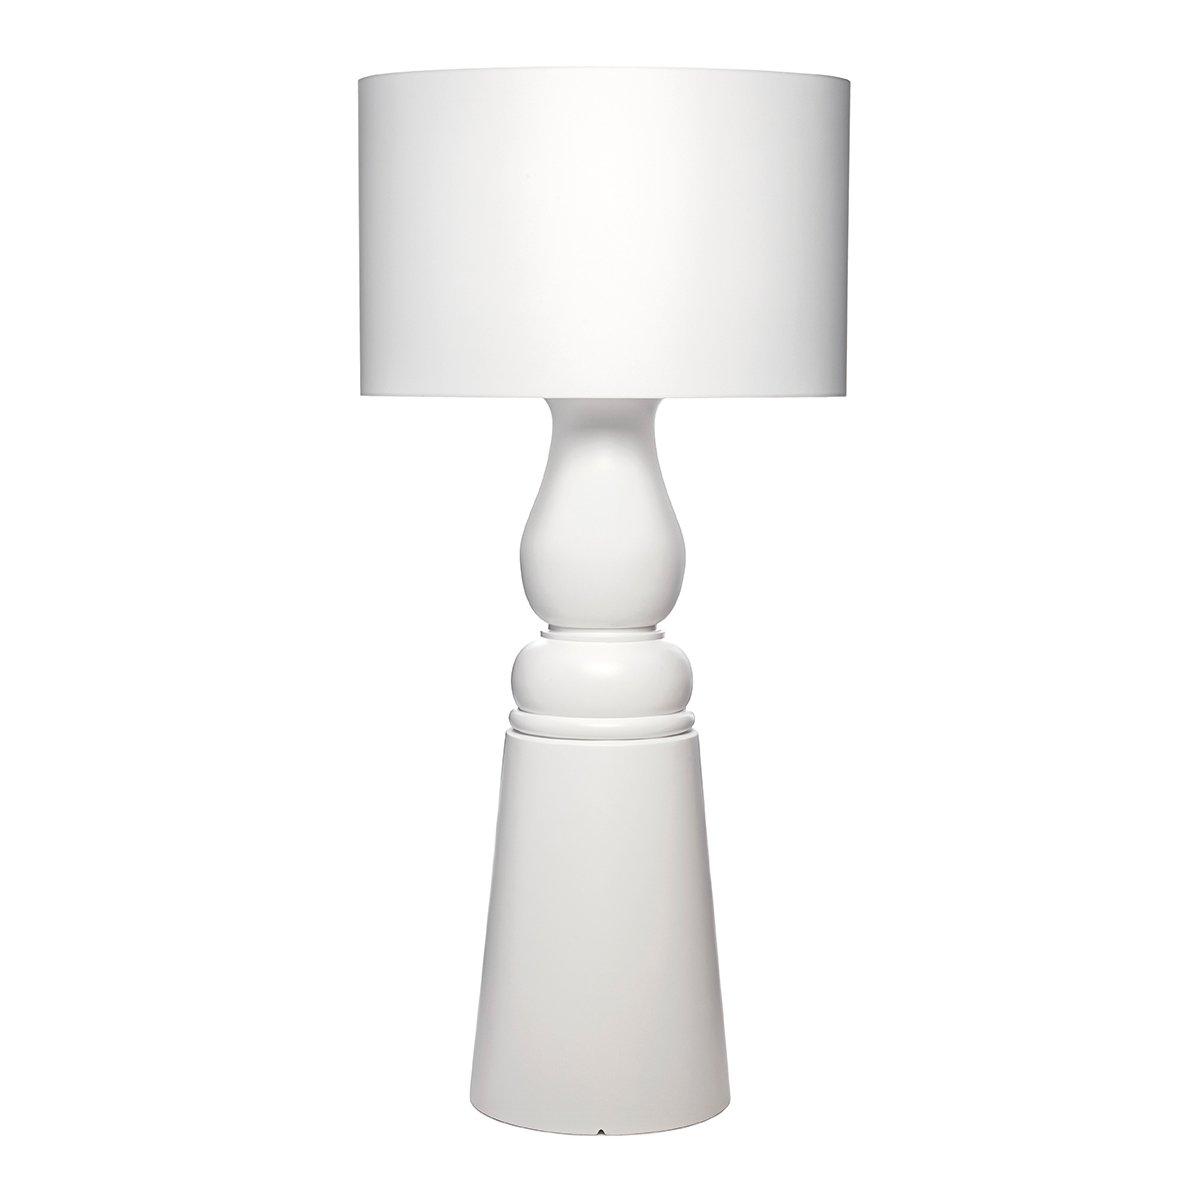 Moooi Farooo Vloerlamp - Wit - Small